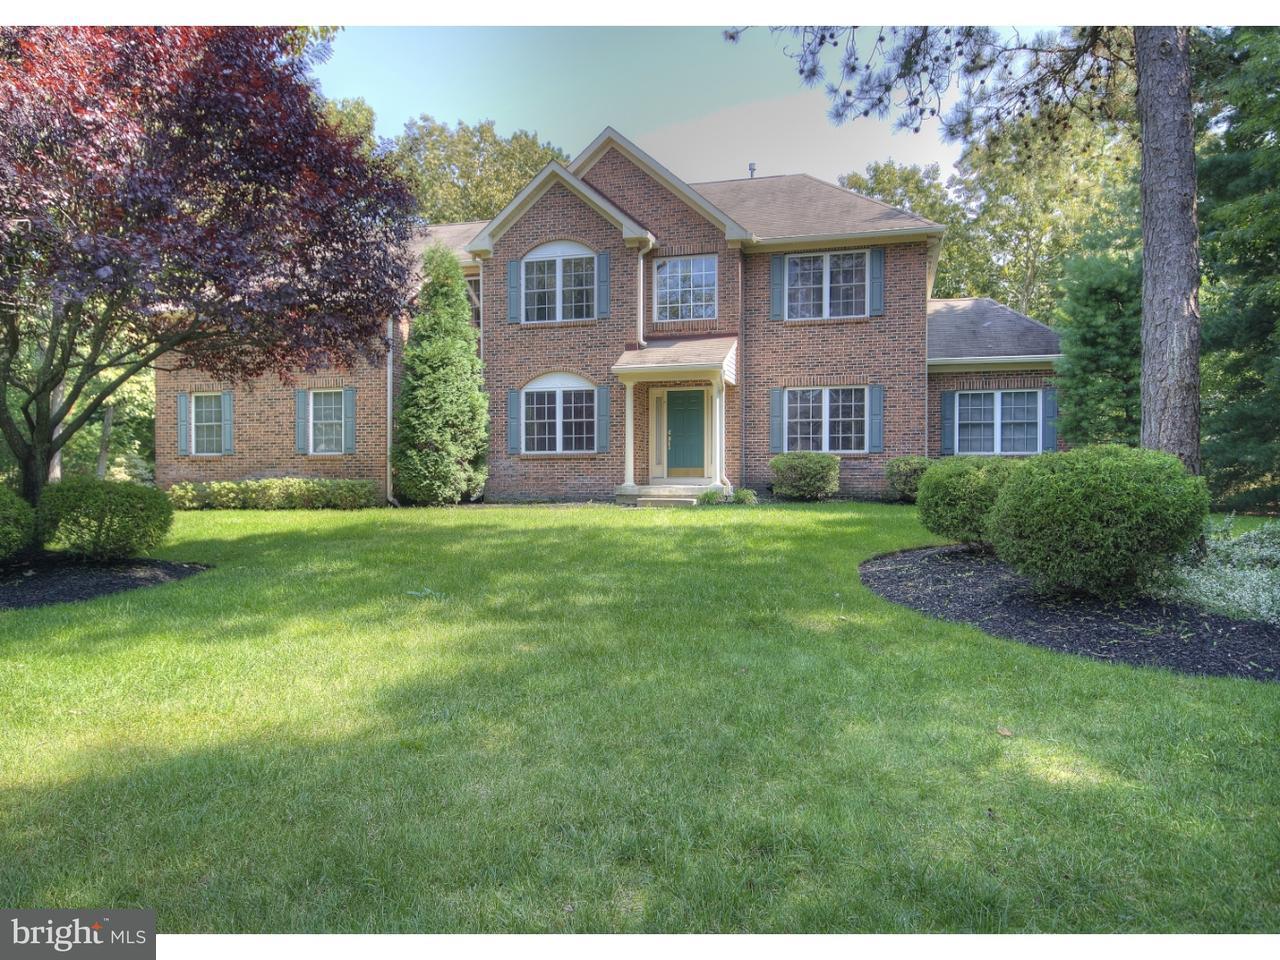 Casa Unifamiliar por un Venta en 4 JASPER JOHNS WAY Evesham, Nueva Jersey 08053 Estados Unidos